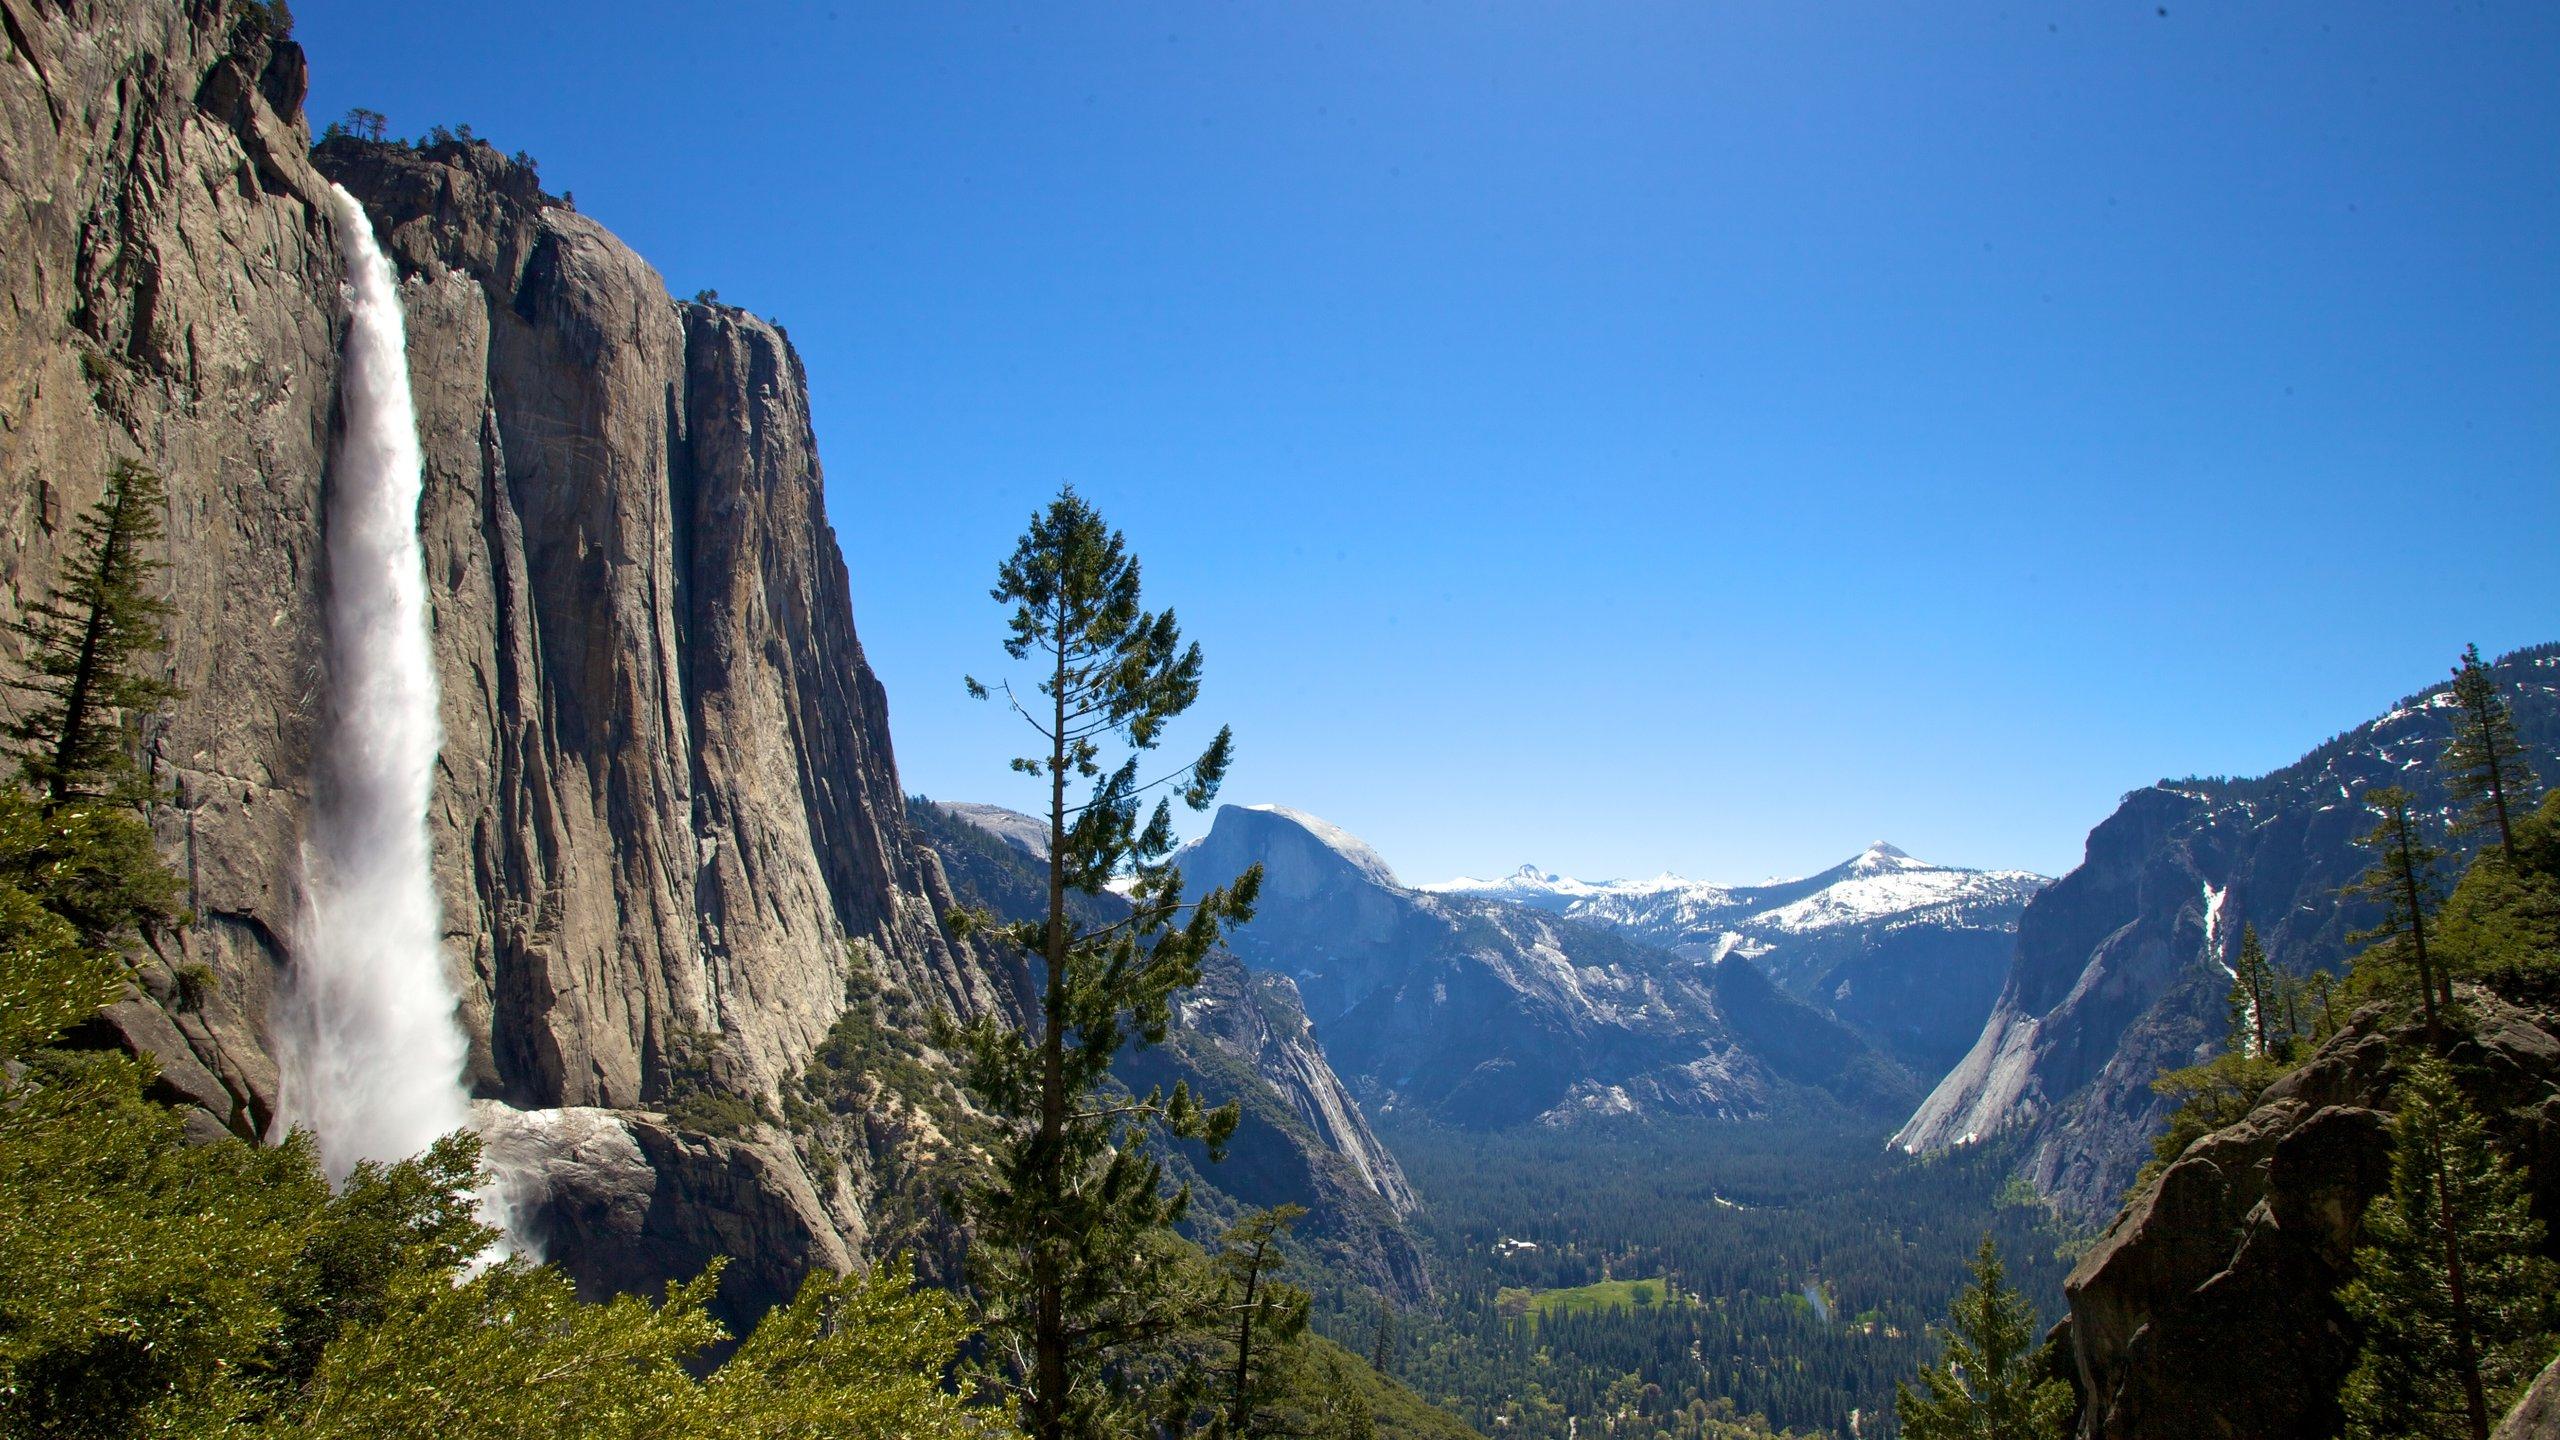 Você pode ouvir essa estrondosa catarata, que está entre as 10 mais altas do mundo, antes de vê-la no Parque Nacional de Yosemite, na Califórnia.